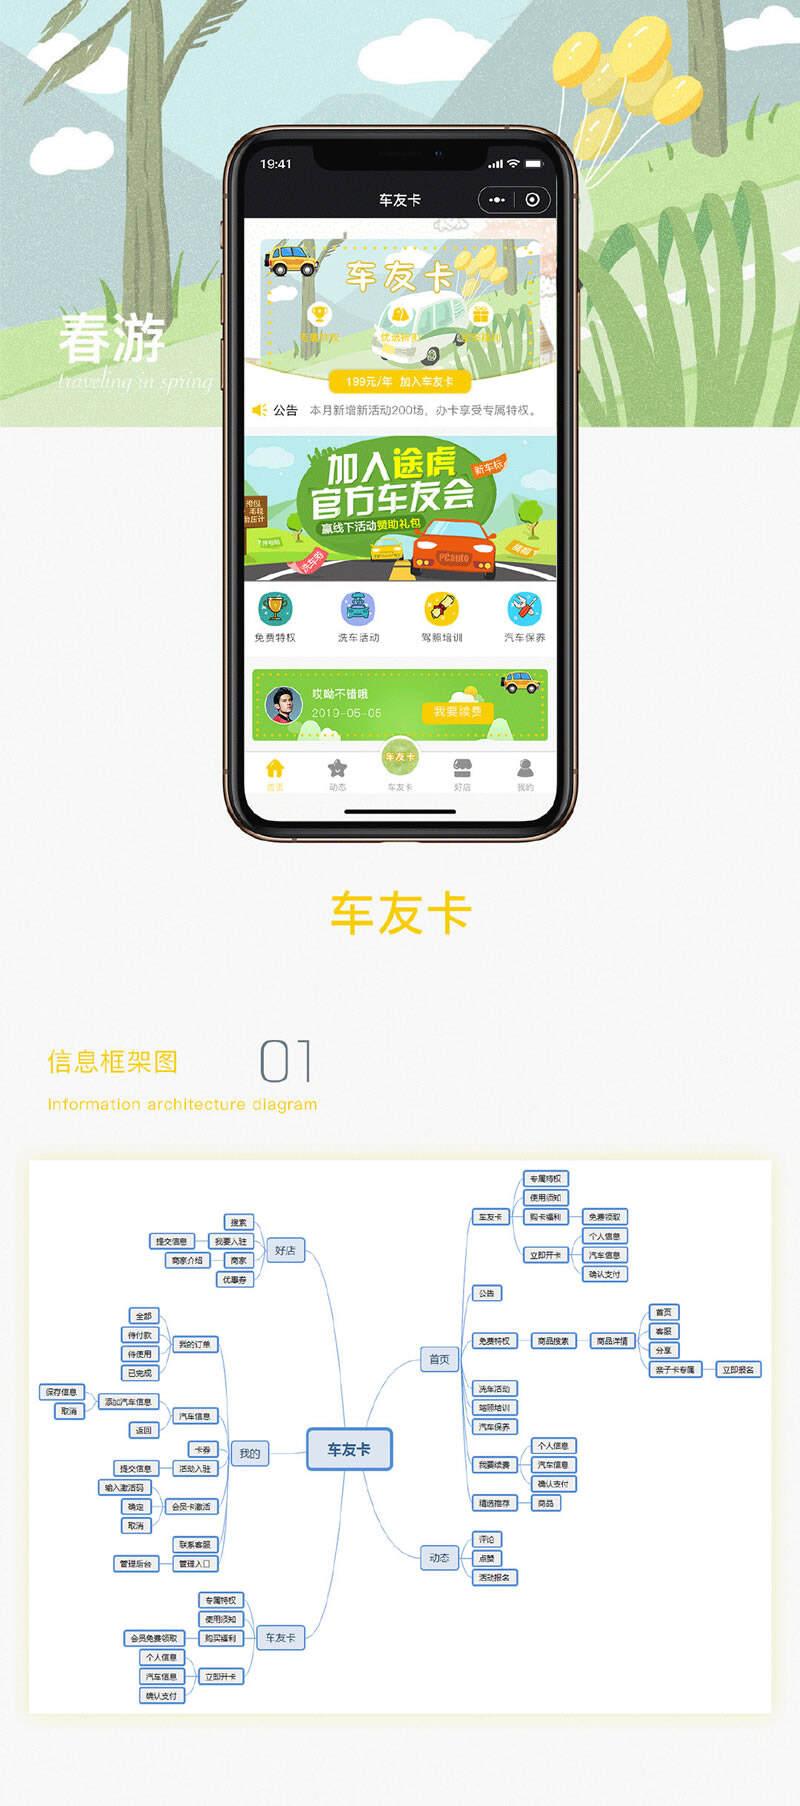 【柚子车友卡V1.1.4】功能模块+分销V1.0.3+小程序导航栏底部菜单全部支持自定义插图